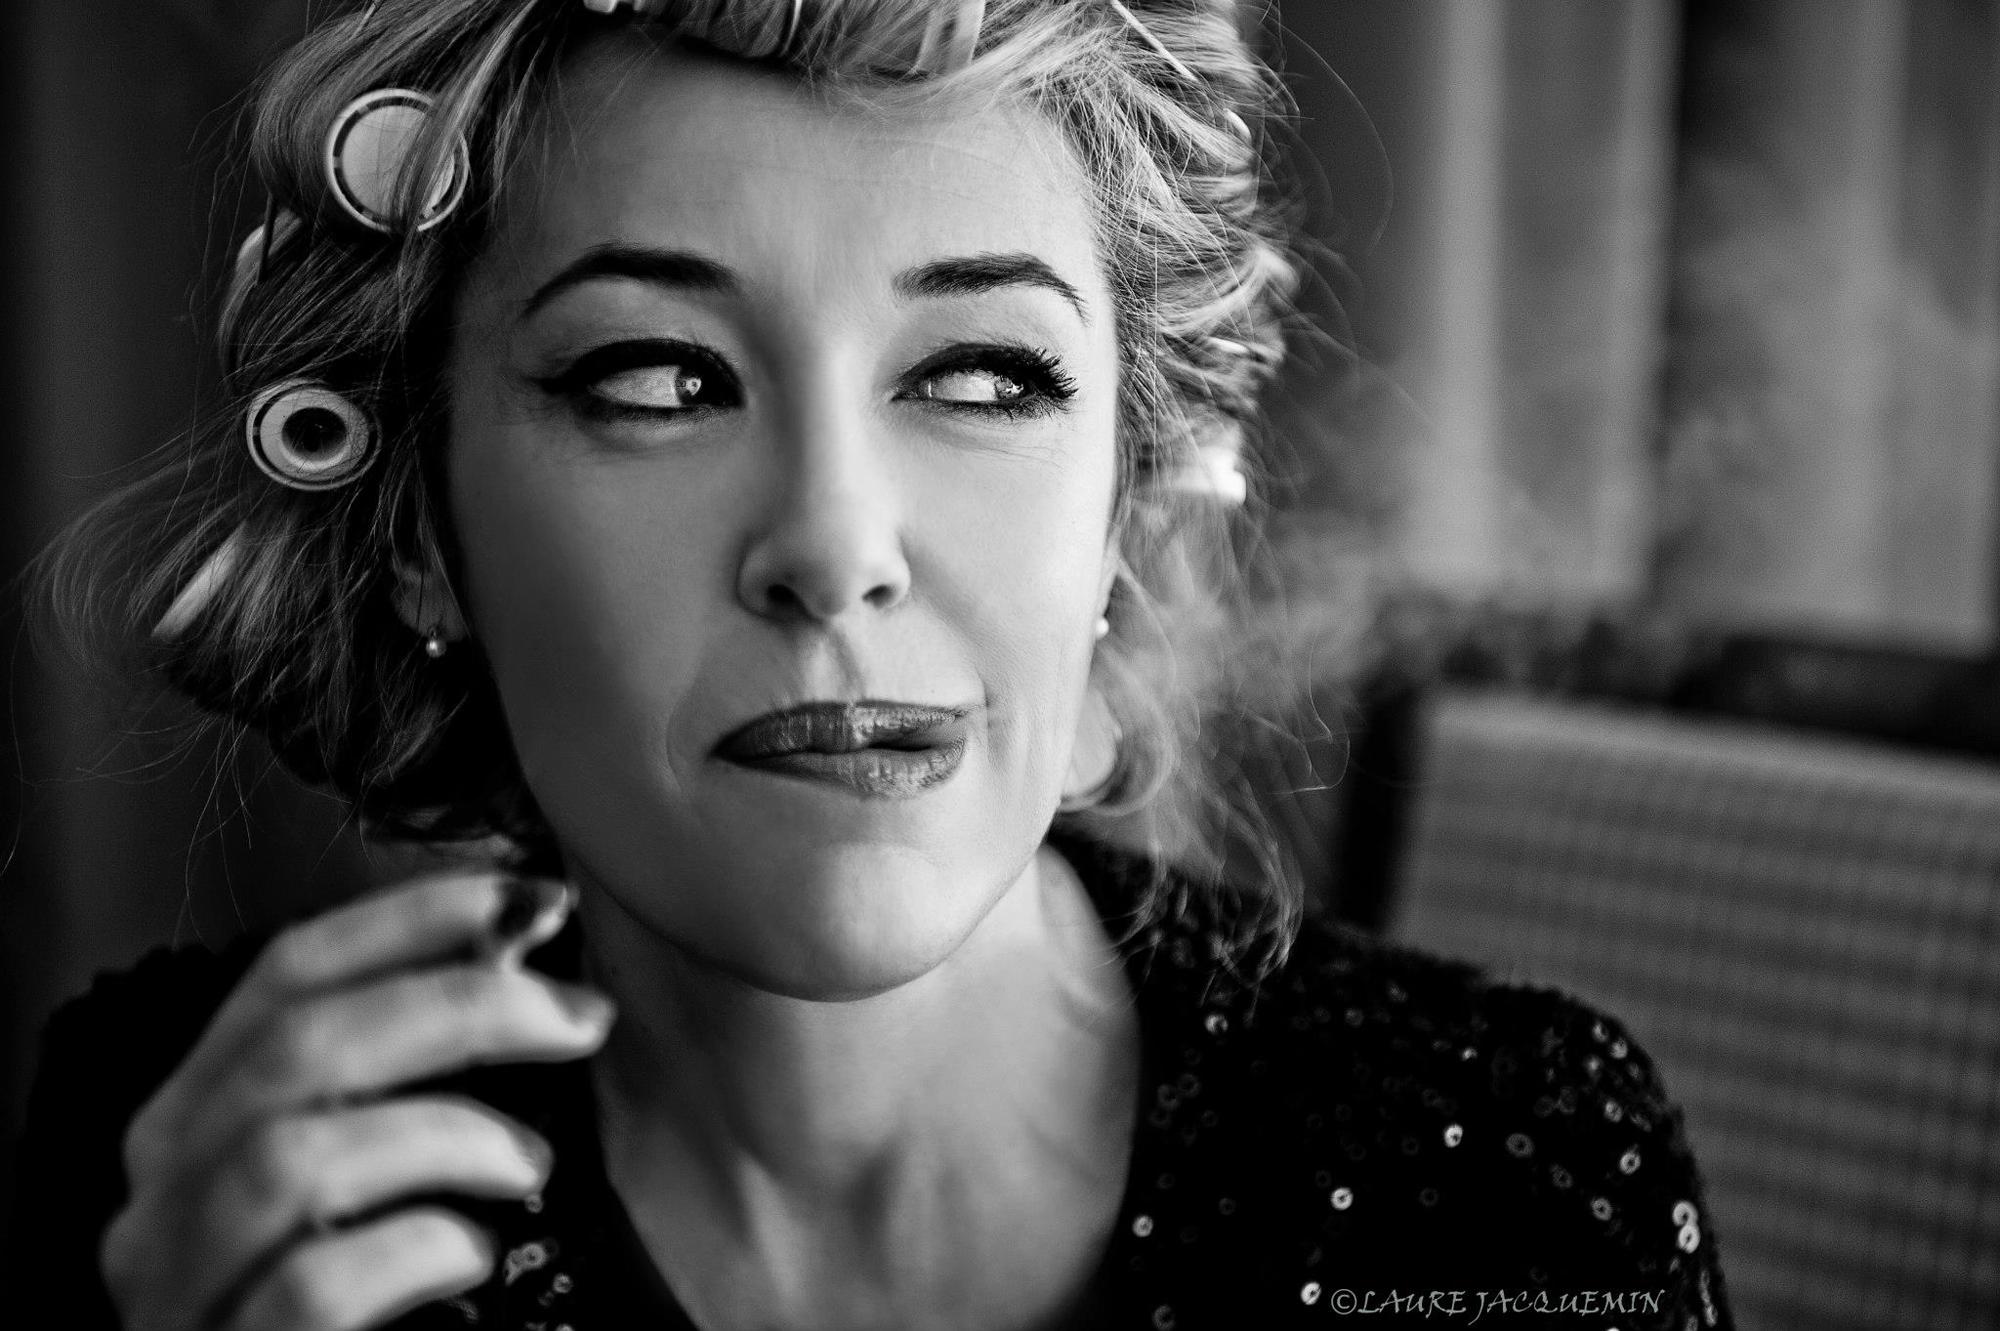 laure jacquemin PORTRAIT venice photography model artists (9).jpg